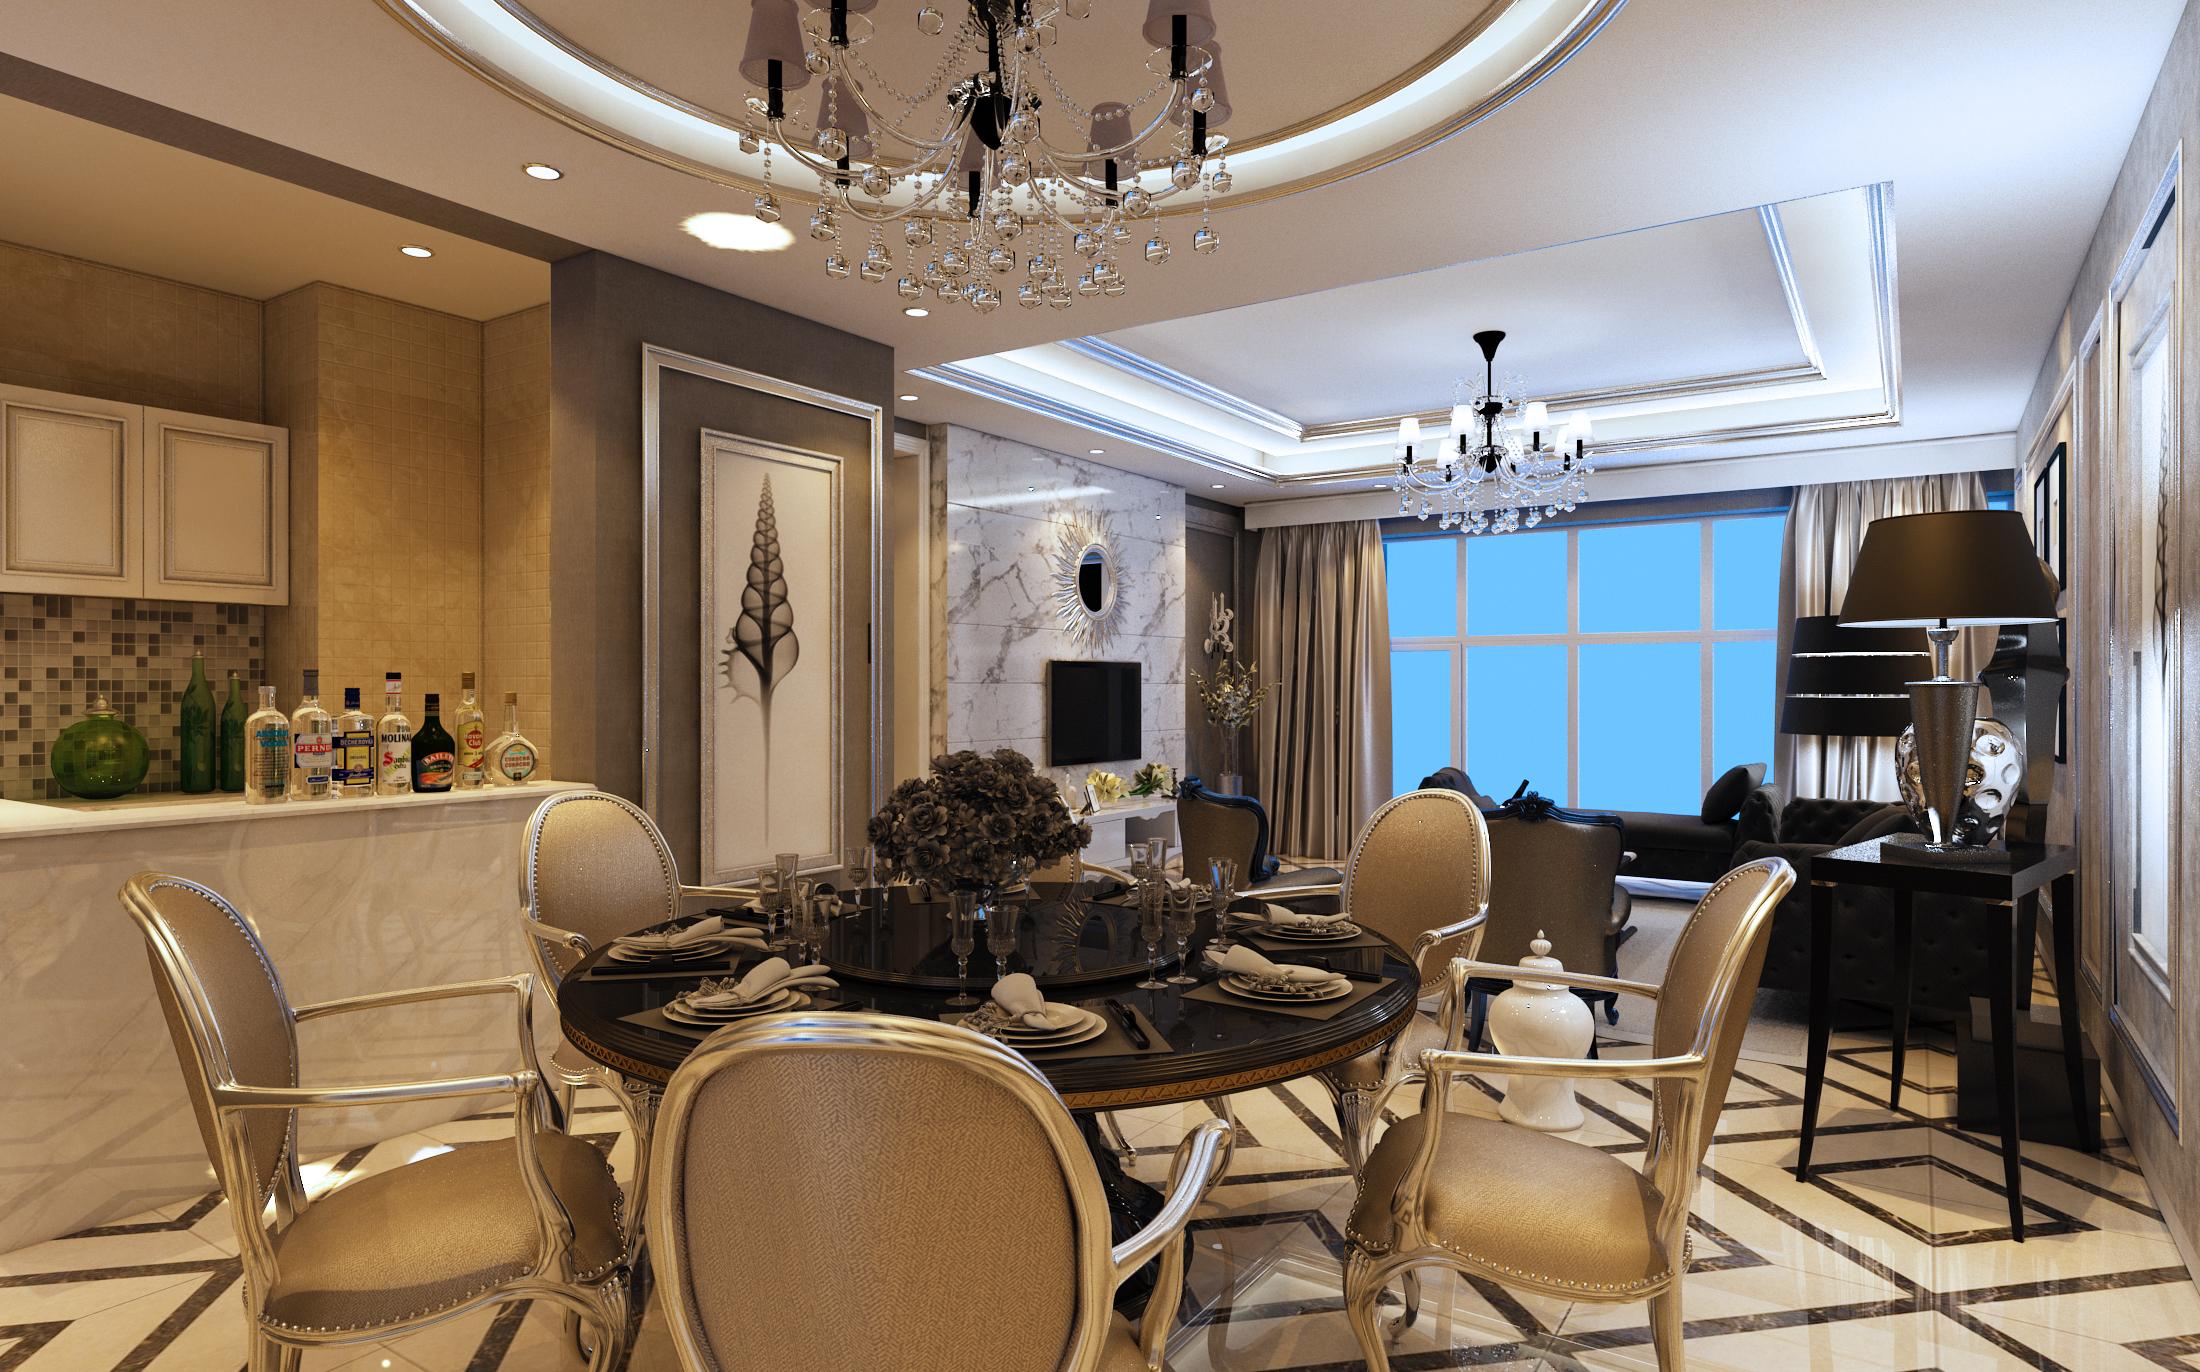 欧式 三居 餐厅图片来自用户20000004812512在银色欧美——东方名都的分享